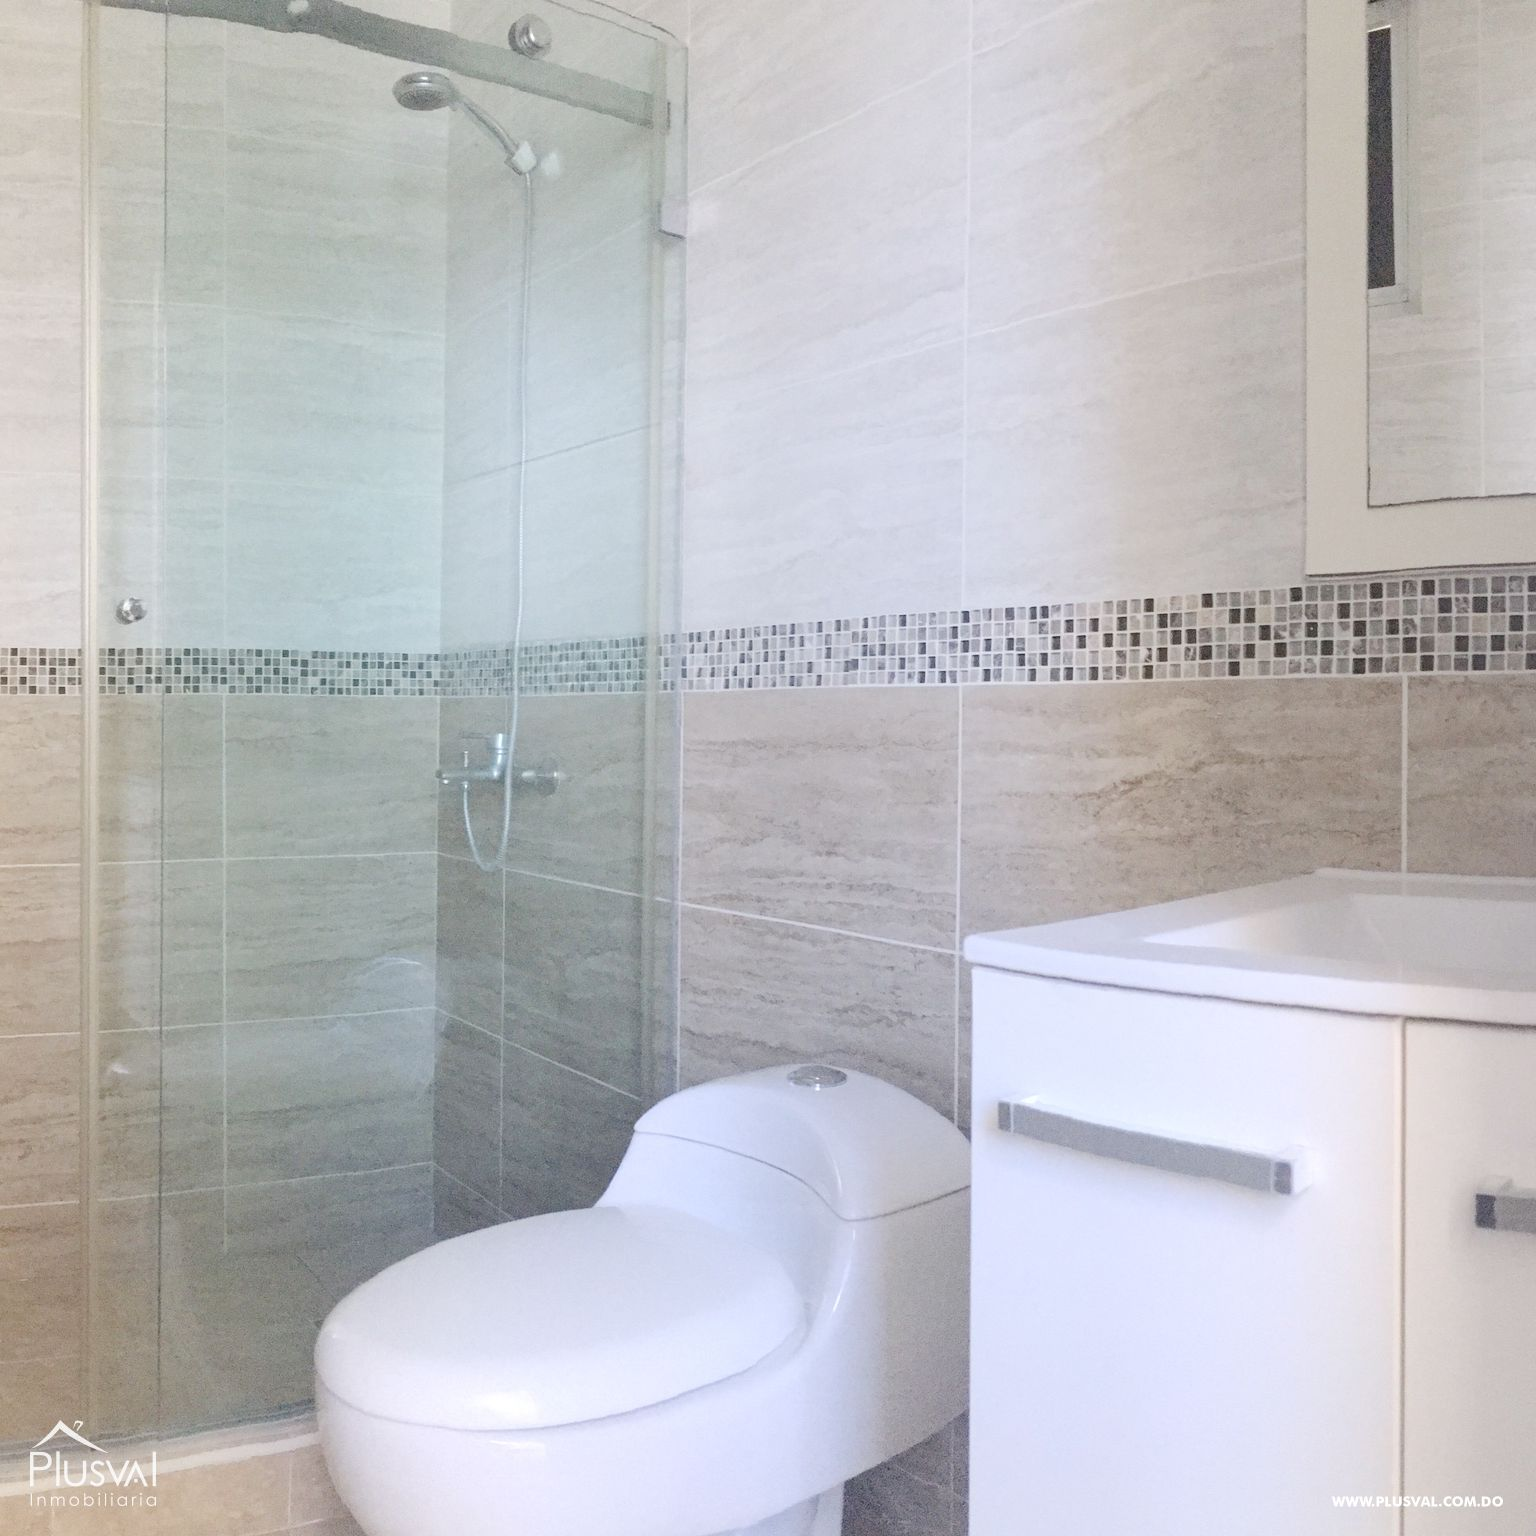 Proyecto residencial en venta, Mirador Norte. 169560